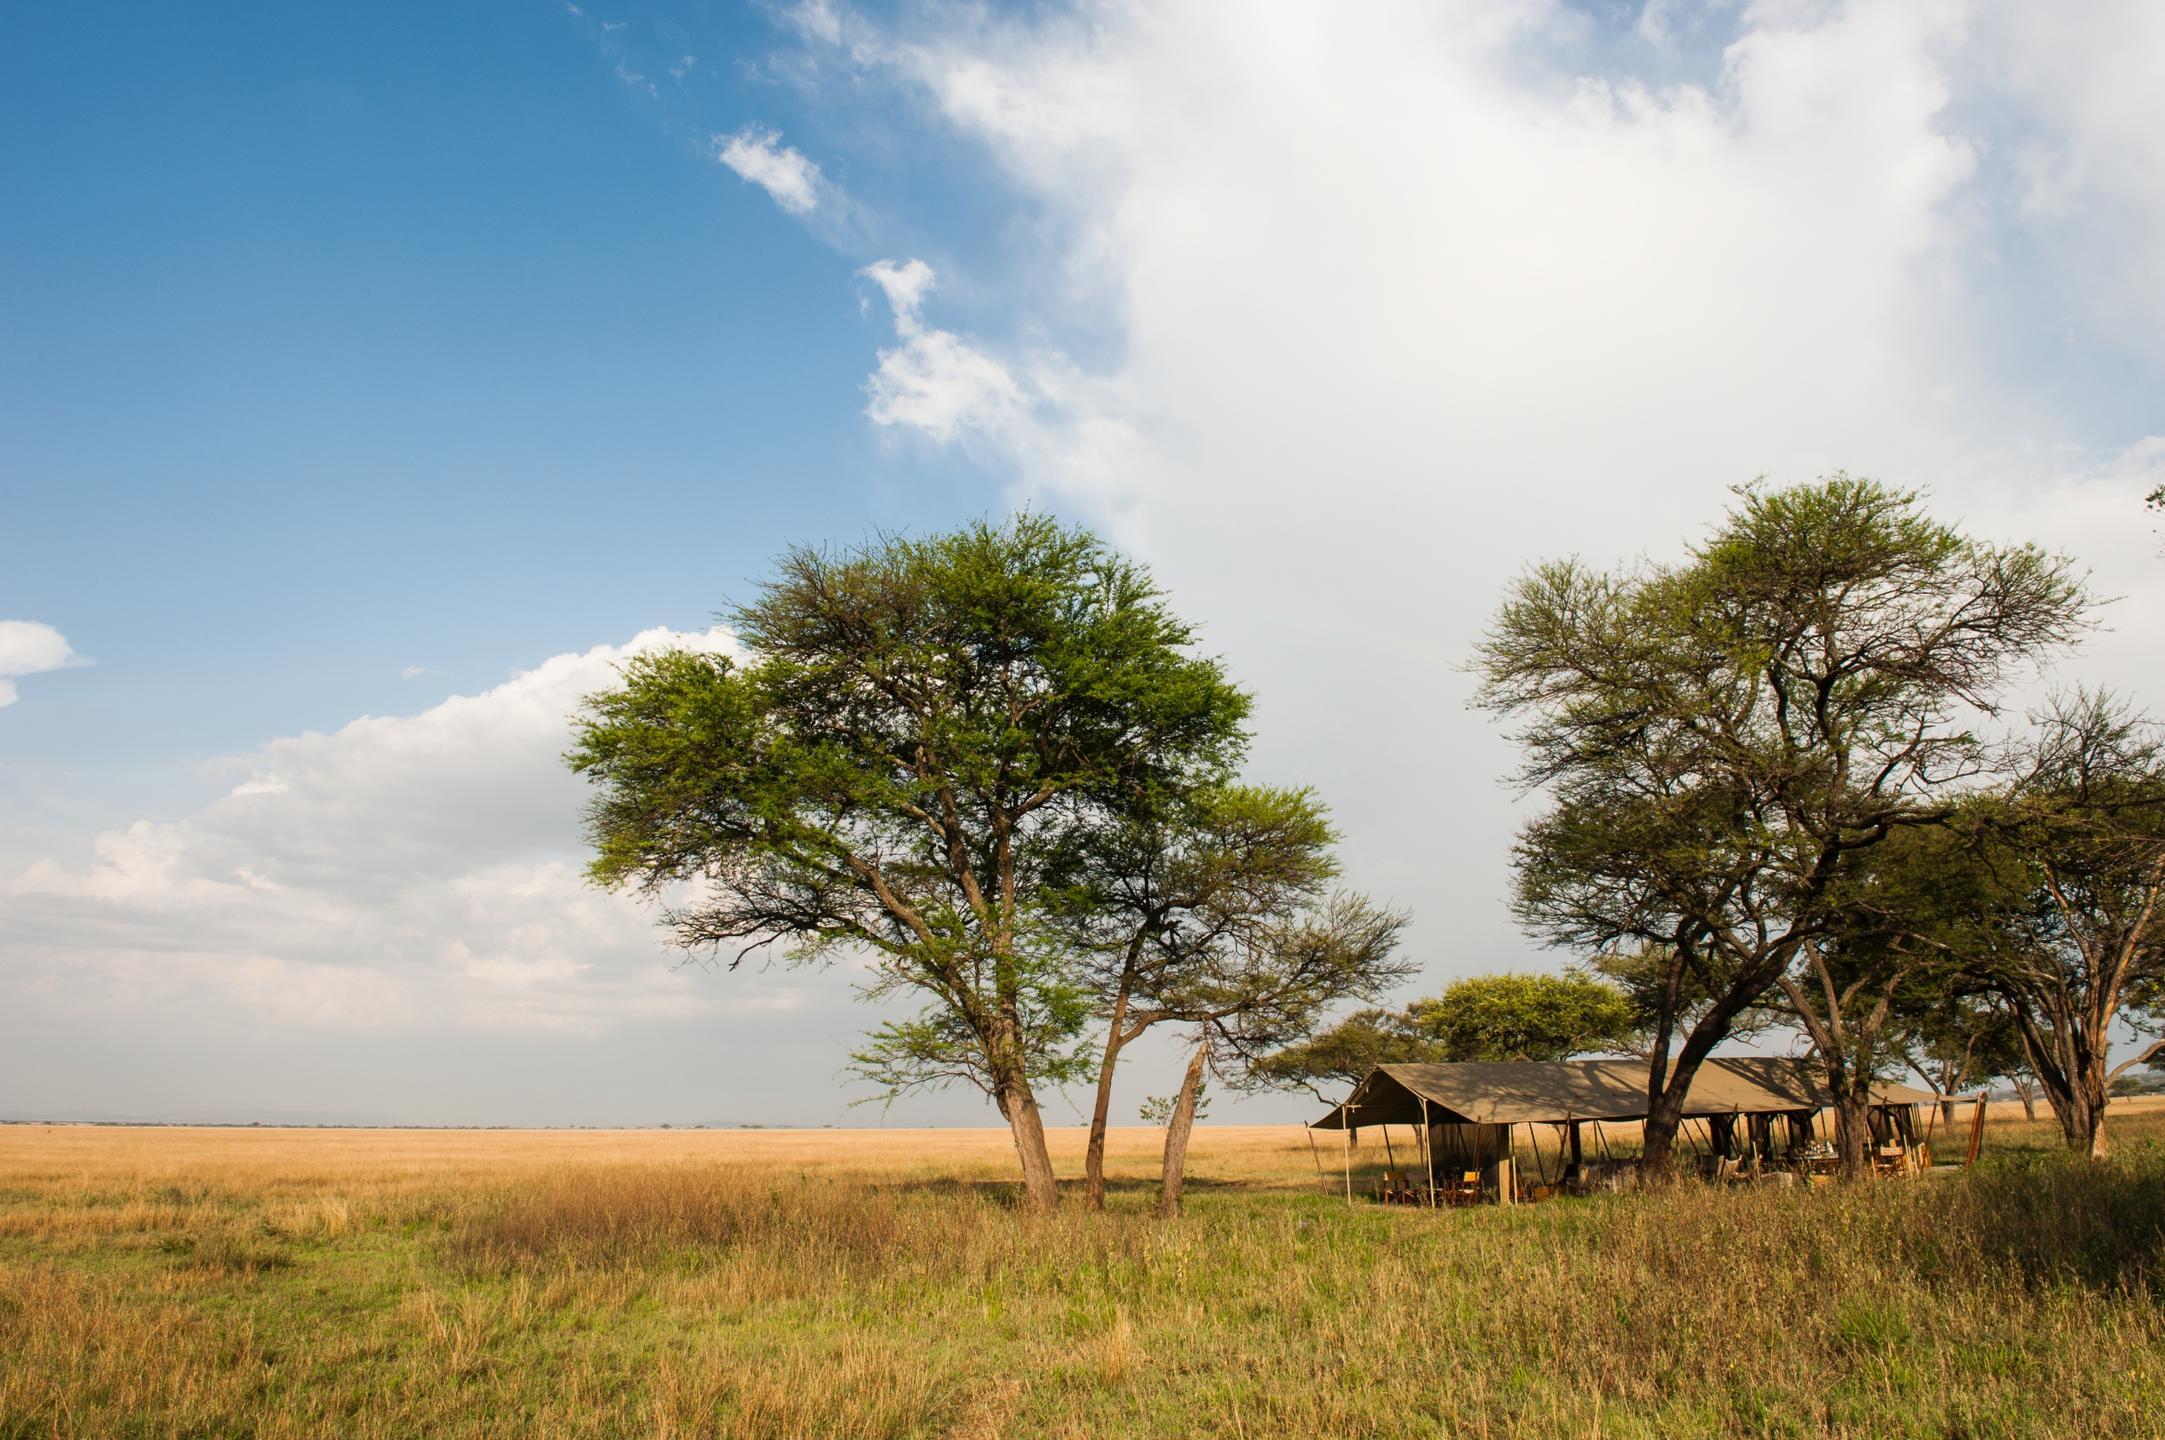 Aardvark Safaris, Serengeti Safari Camp